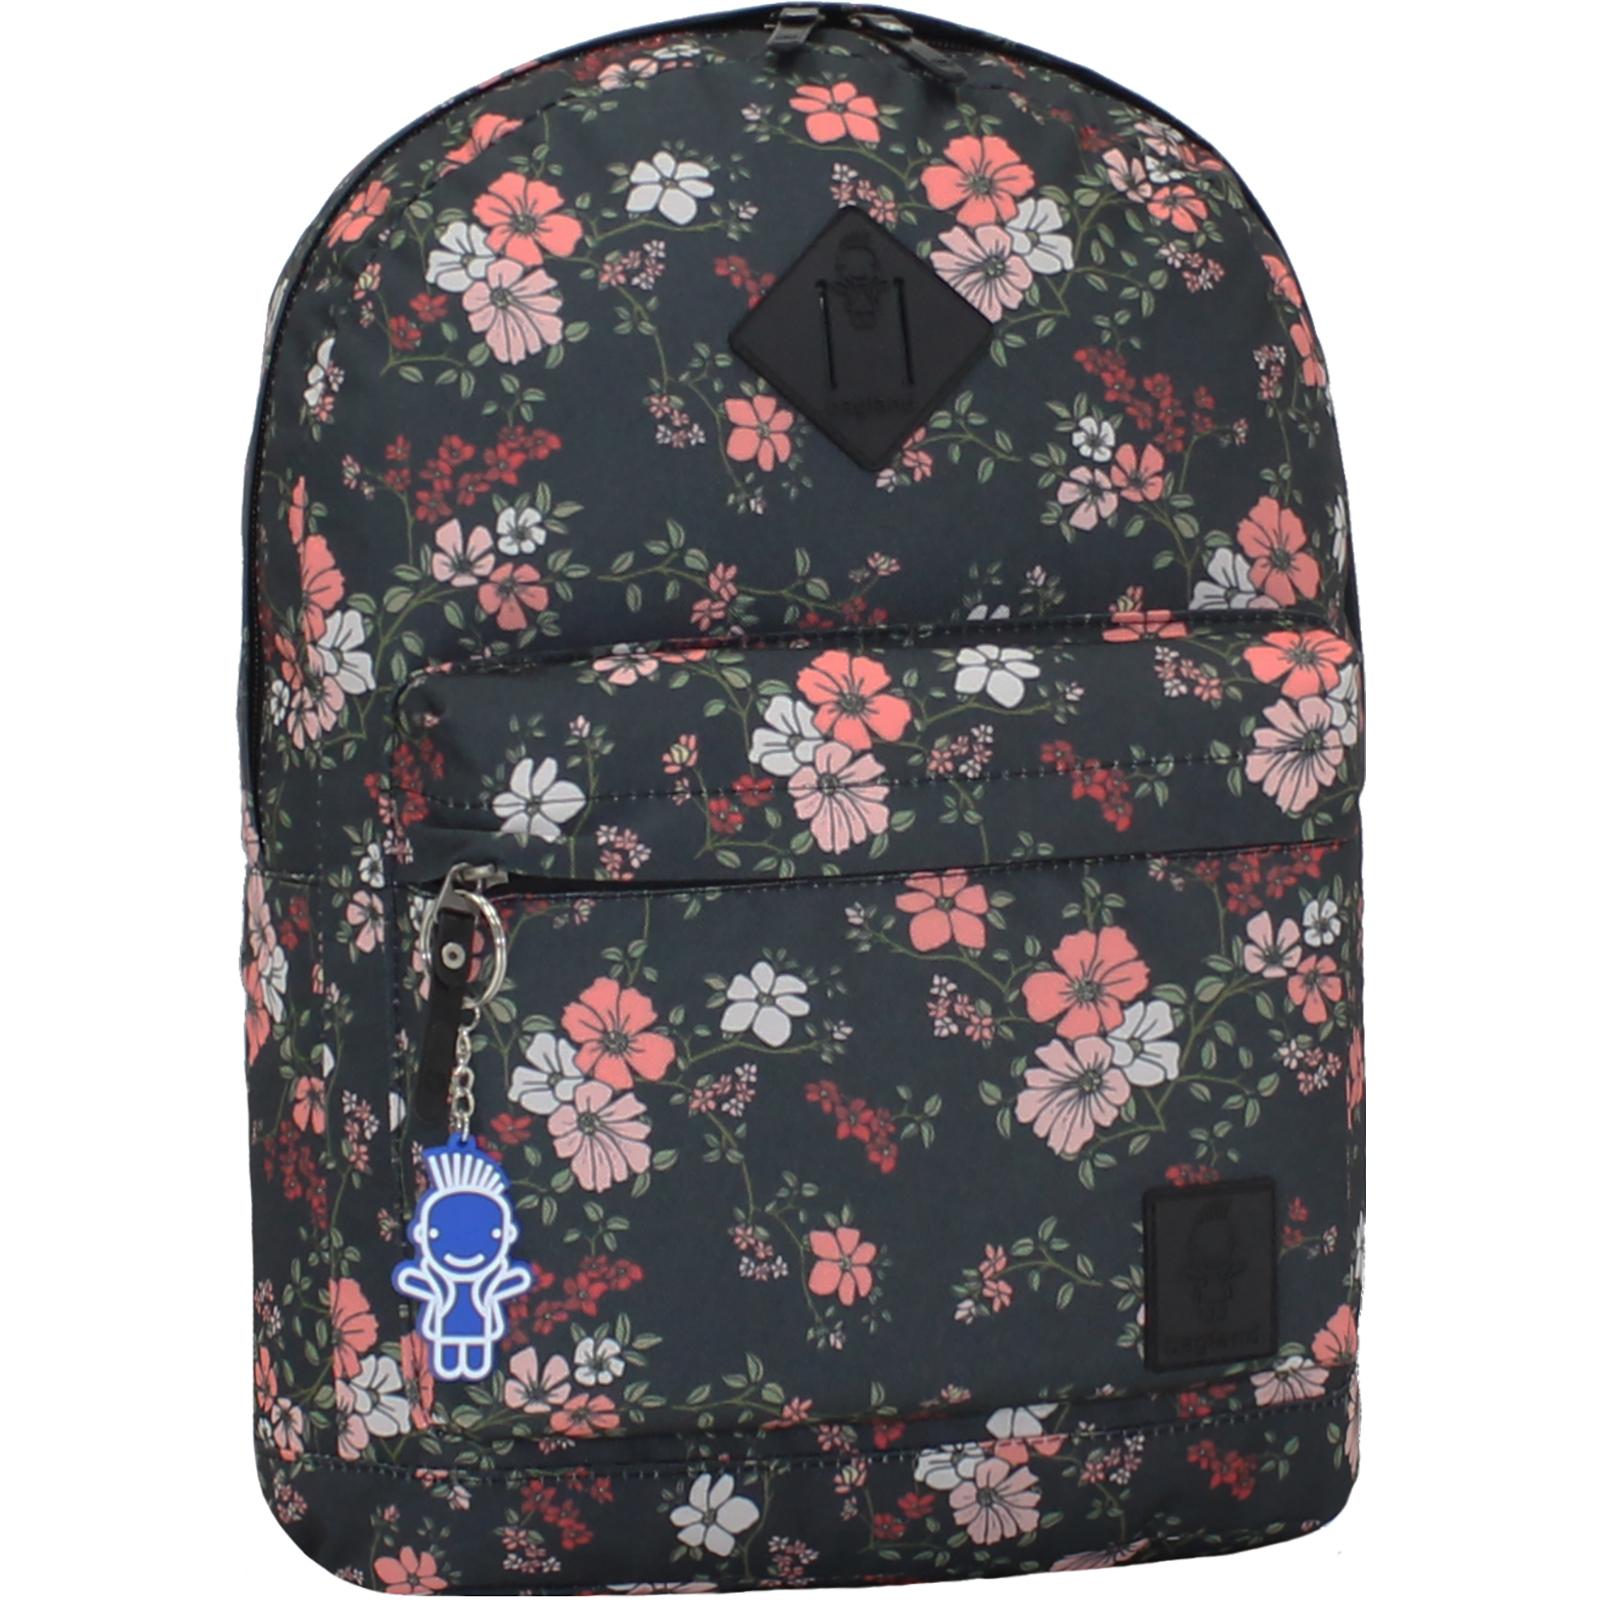 Городские рюкзаки Рюкзак Bagland Молодежный (дизайн) 17 л. сублімація 293(00533664) IMG_5965.JPG